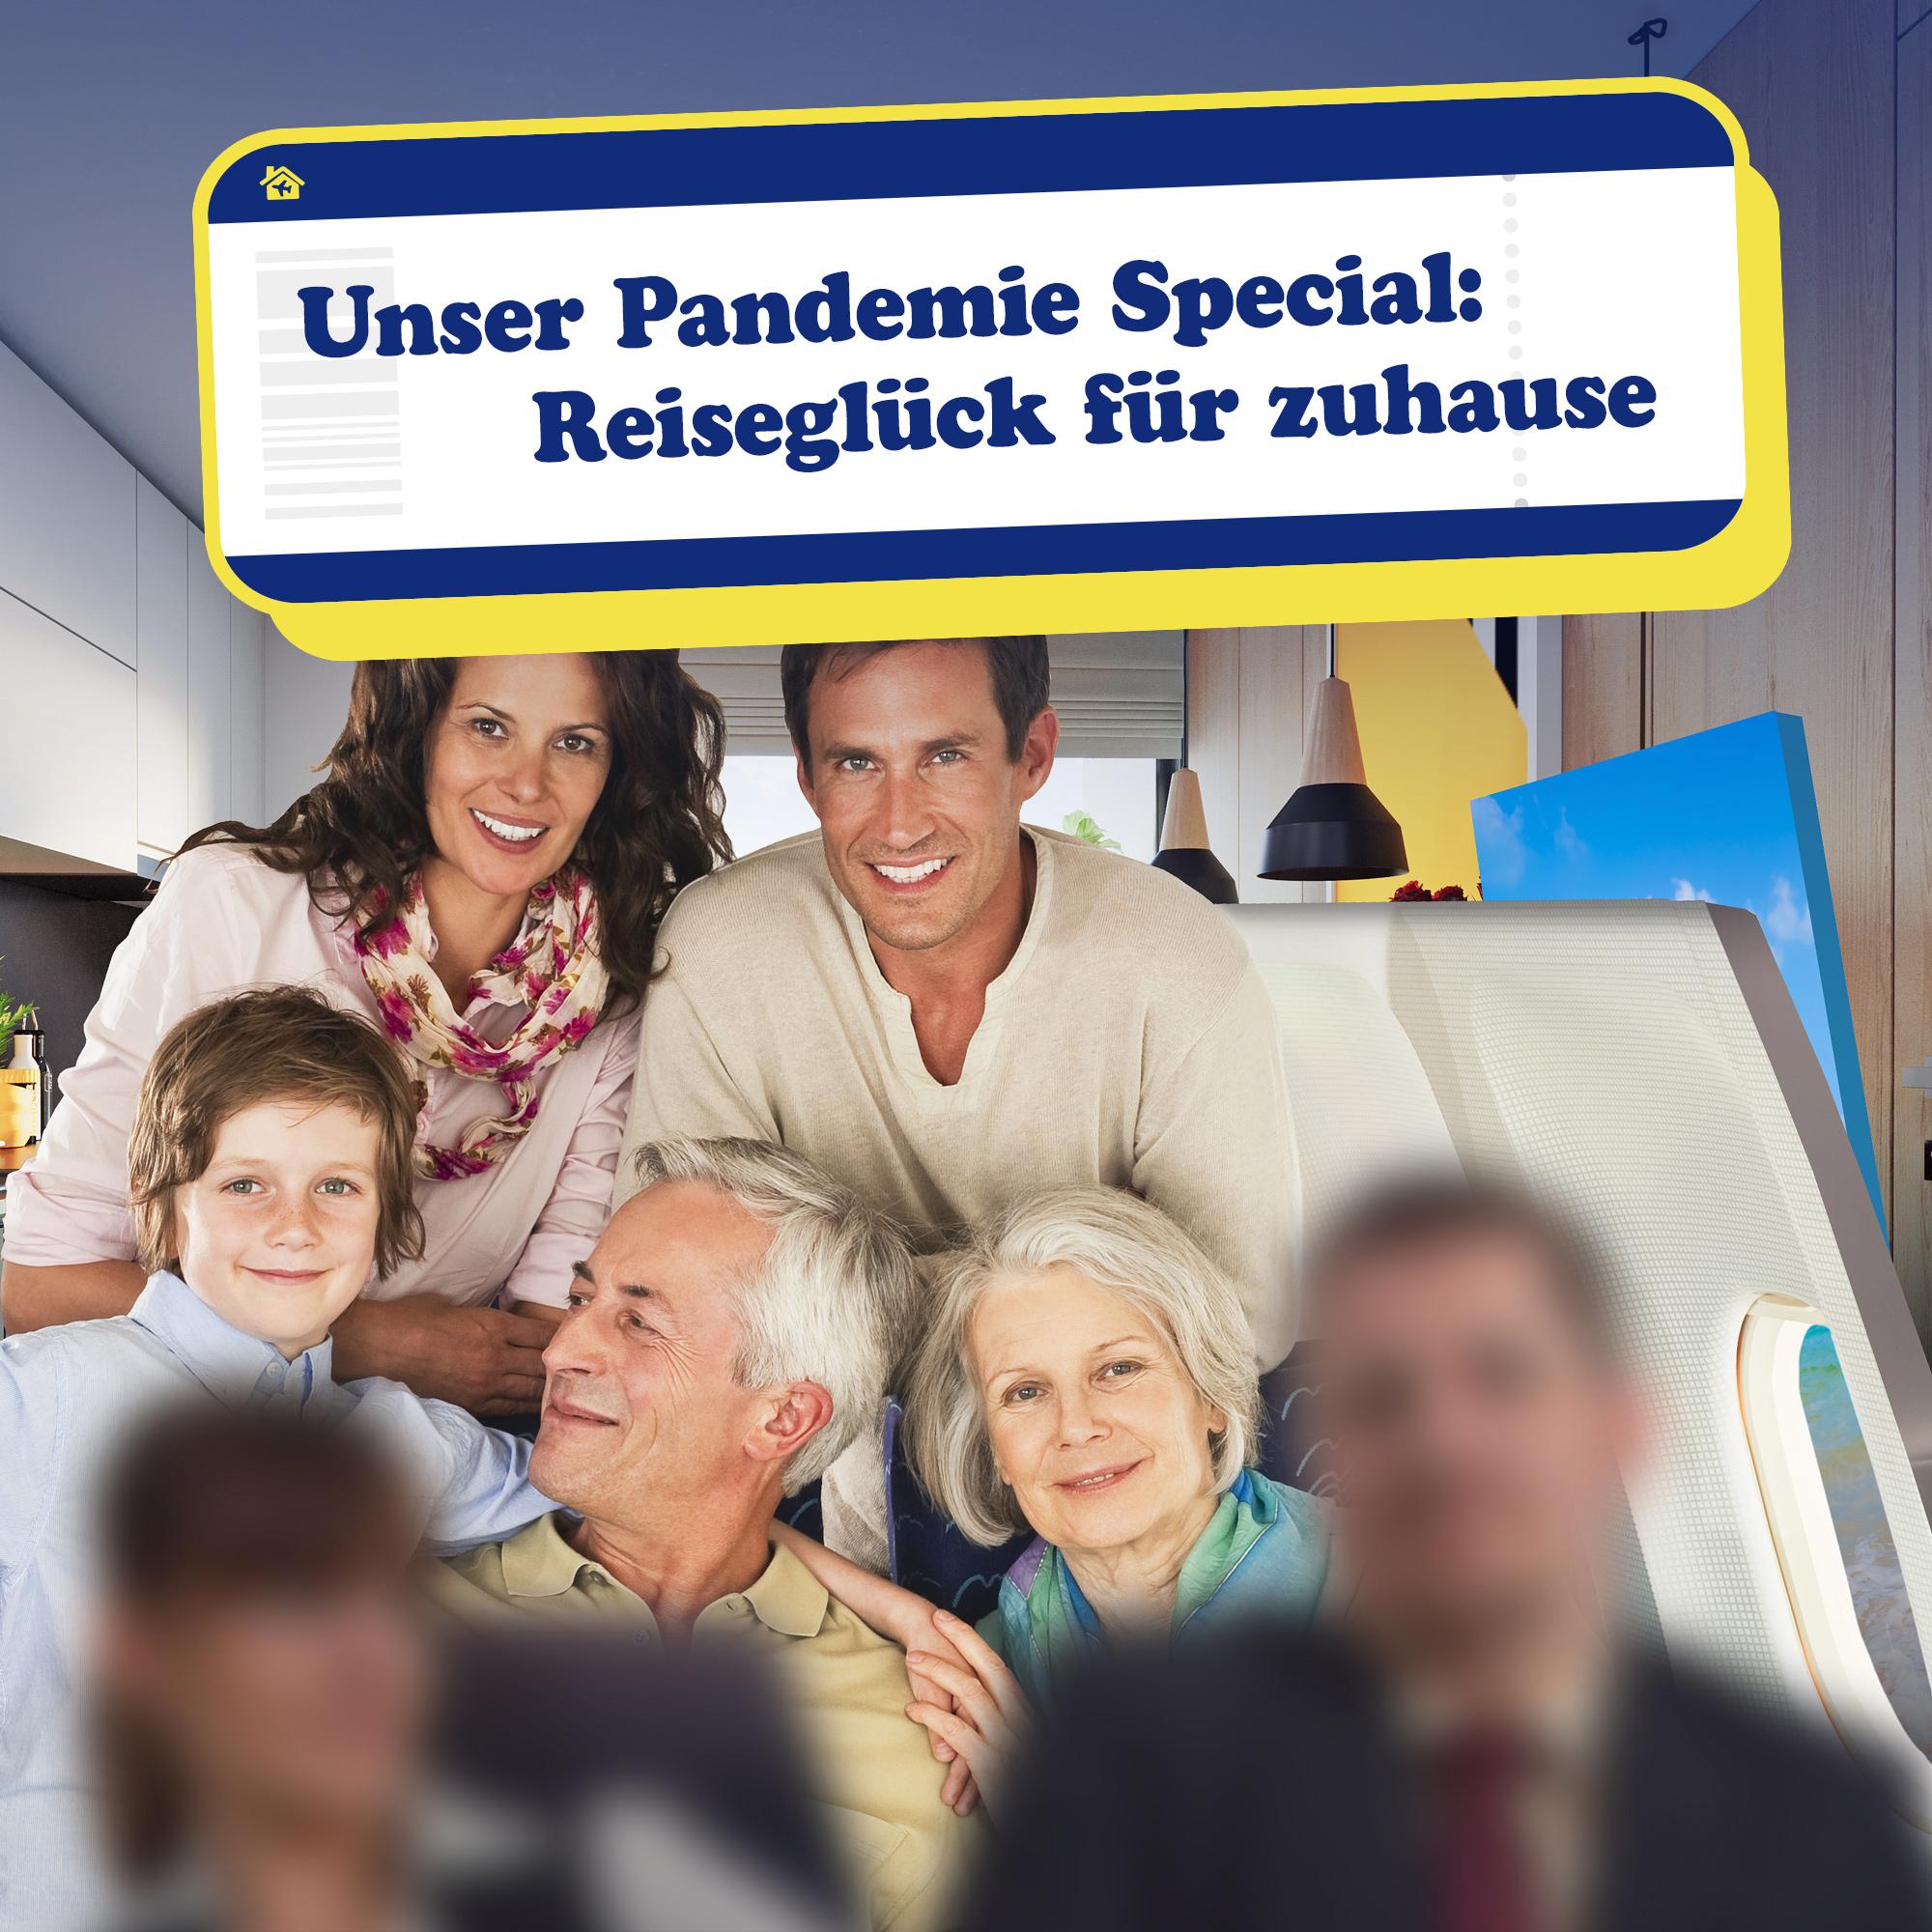 Intensiver Flug-Reisetag für Zuhause - Pandemie Special - 2